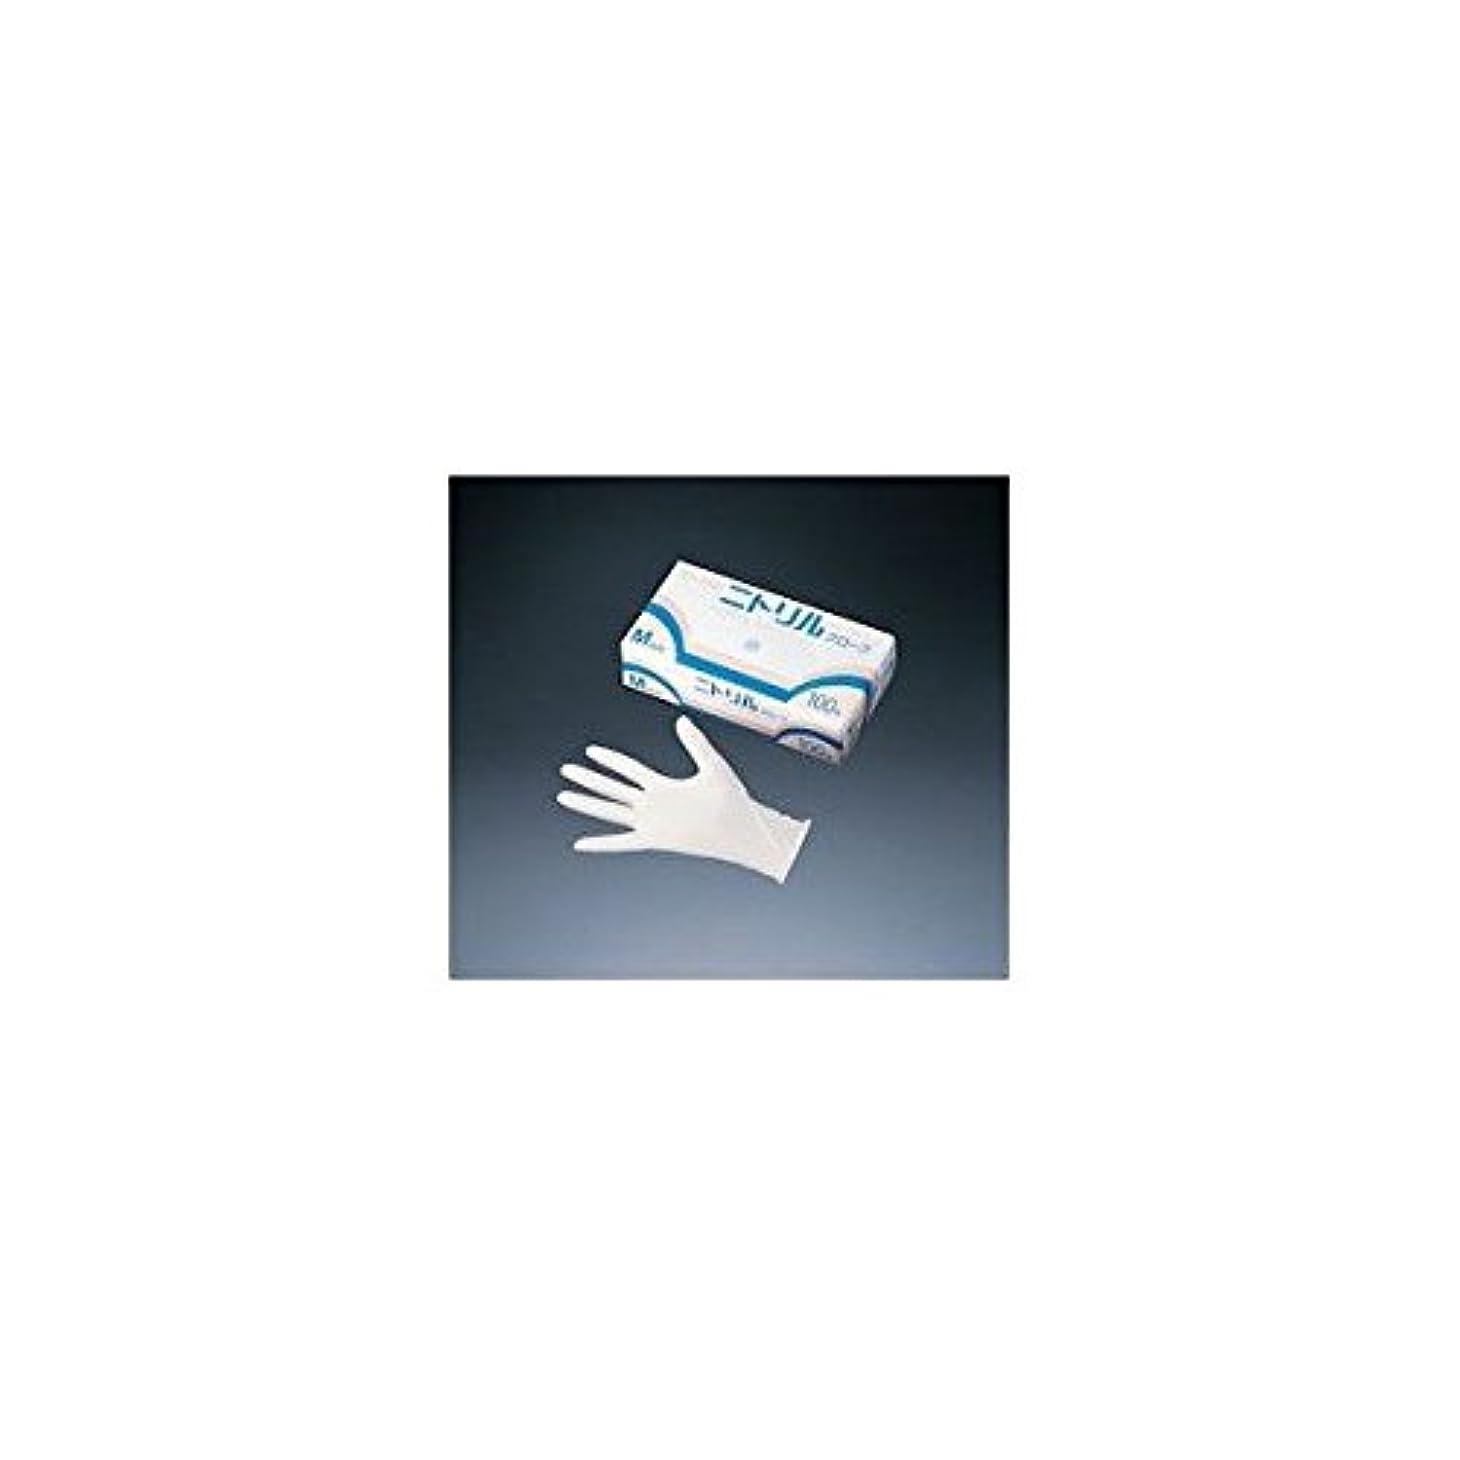 レザー鼻奇跡的な旭創業 ニトリルグローブ ホワイト (100枚セット) S